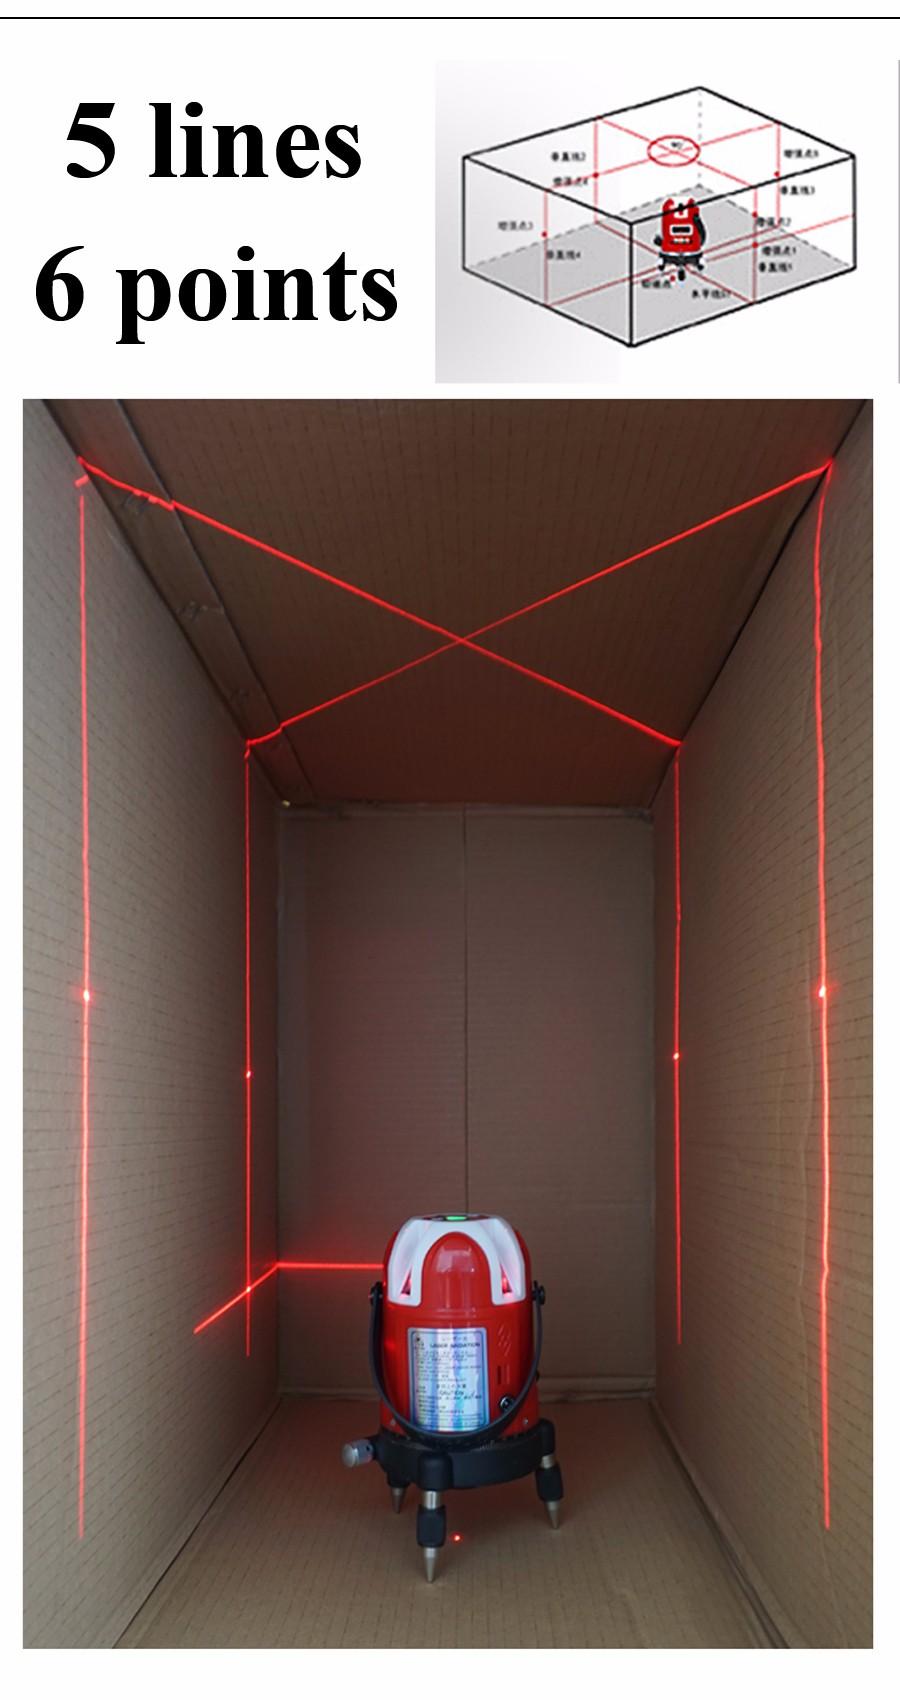 Купить Freeshipping! 5 линий 6 очков лазерный уровень 360 поворотный крест лазерной для выравнивания линии с открытый модель 5 линий 6 точки лазерного уровень